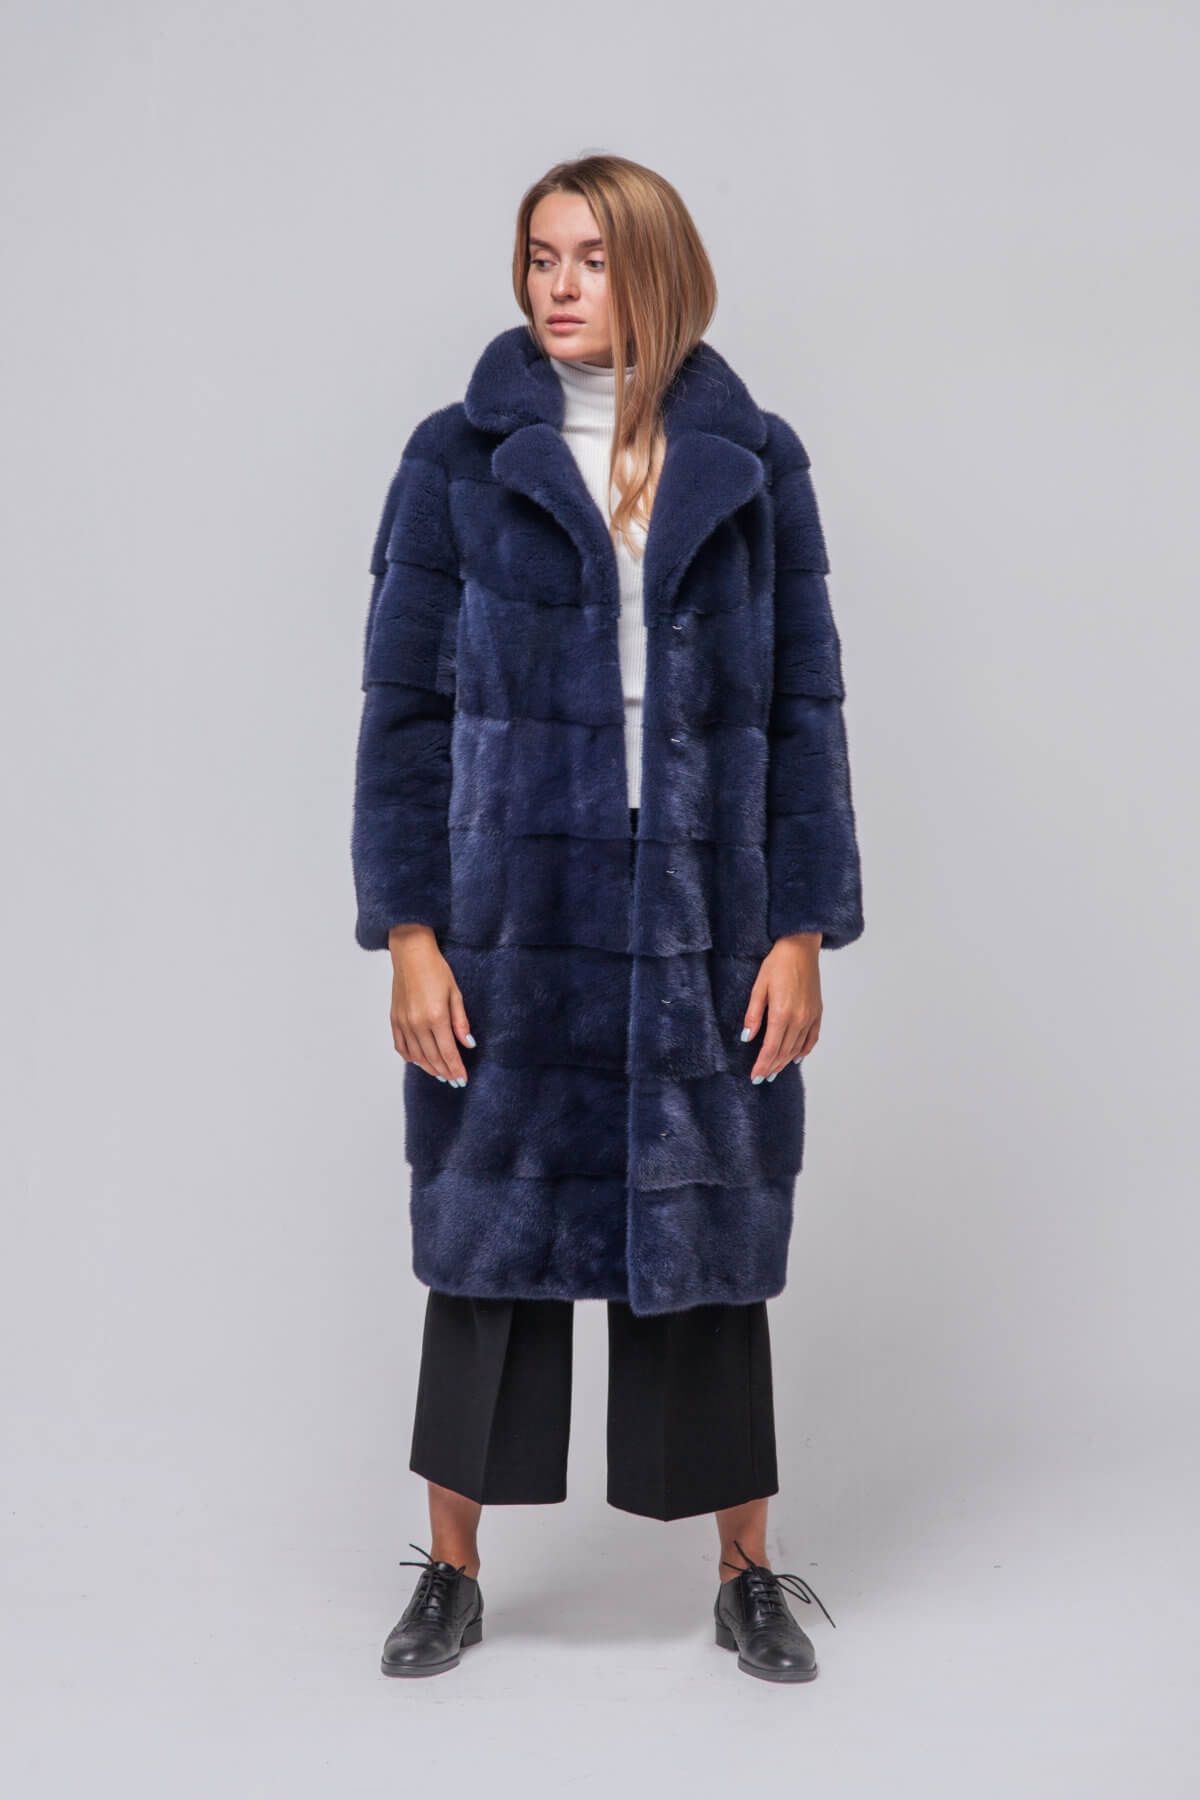 Пальто из европейской норки KOPENHAGEN FUR. Фото 3